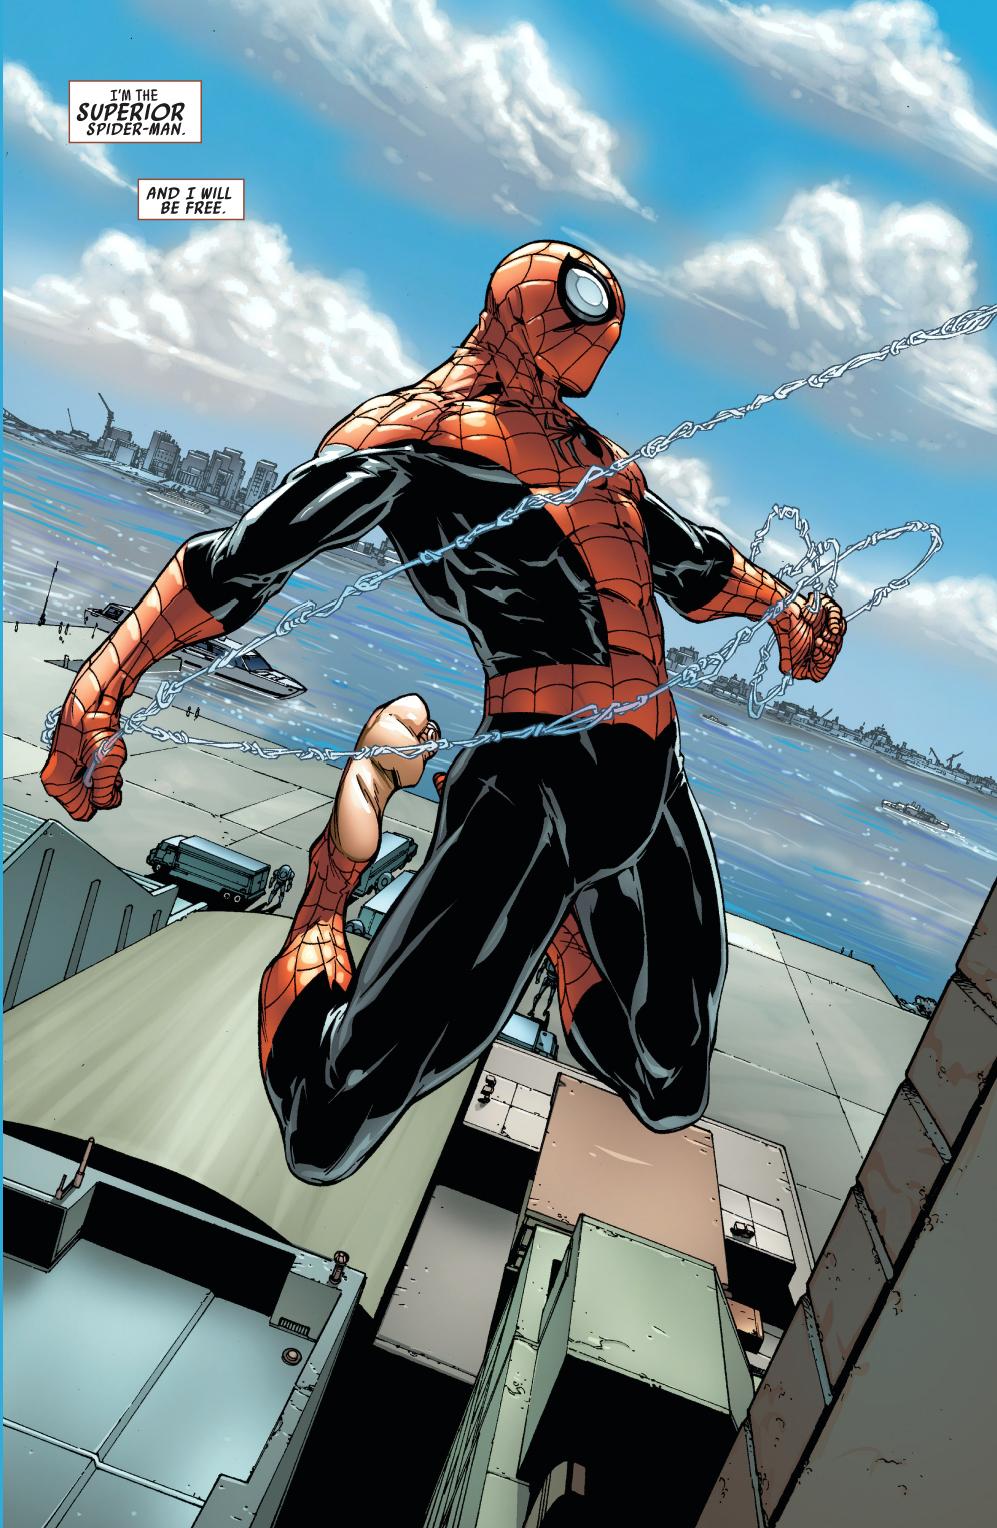 superior spider-man issue 11